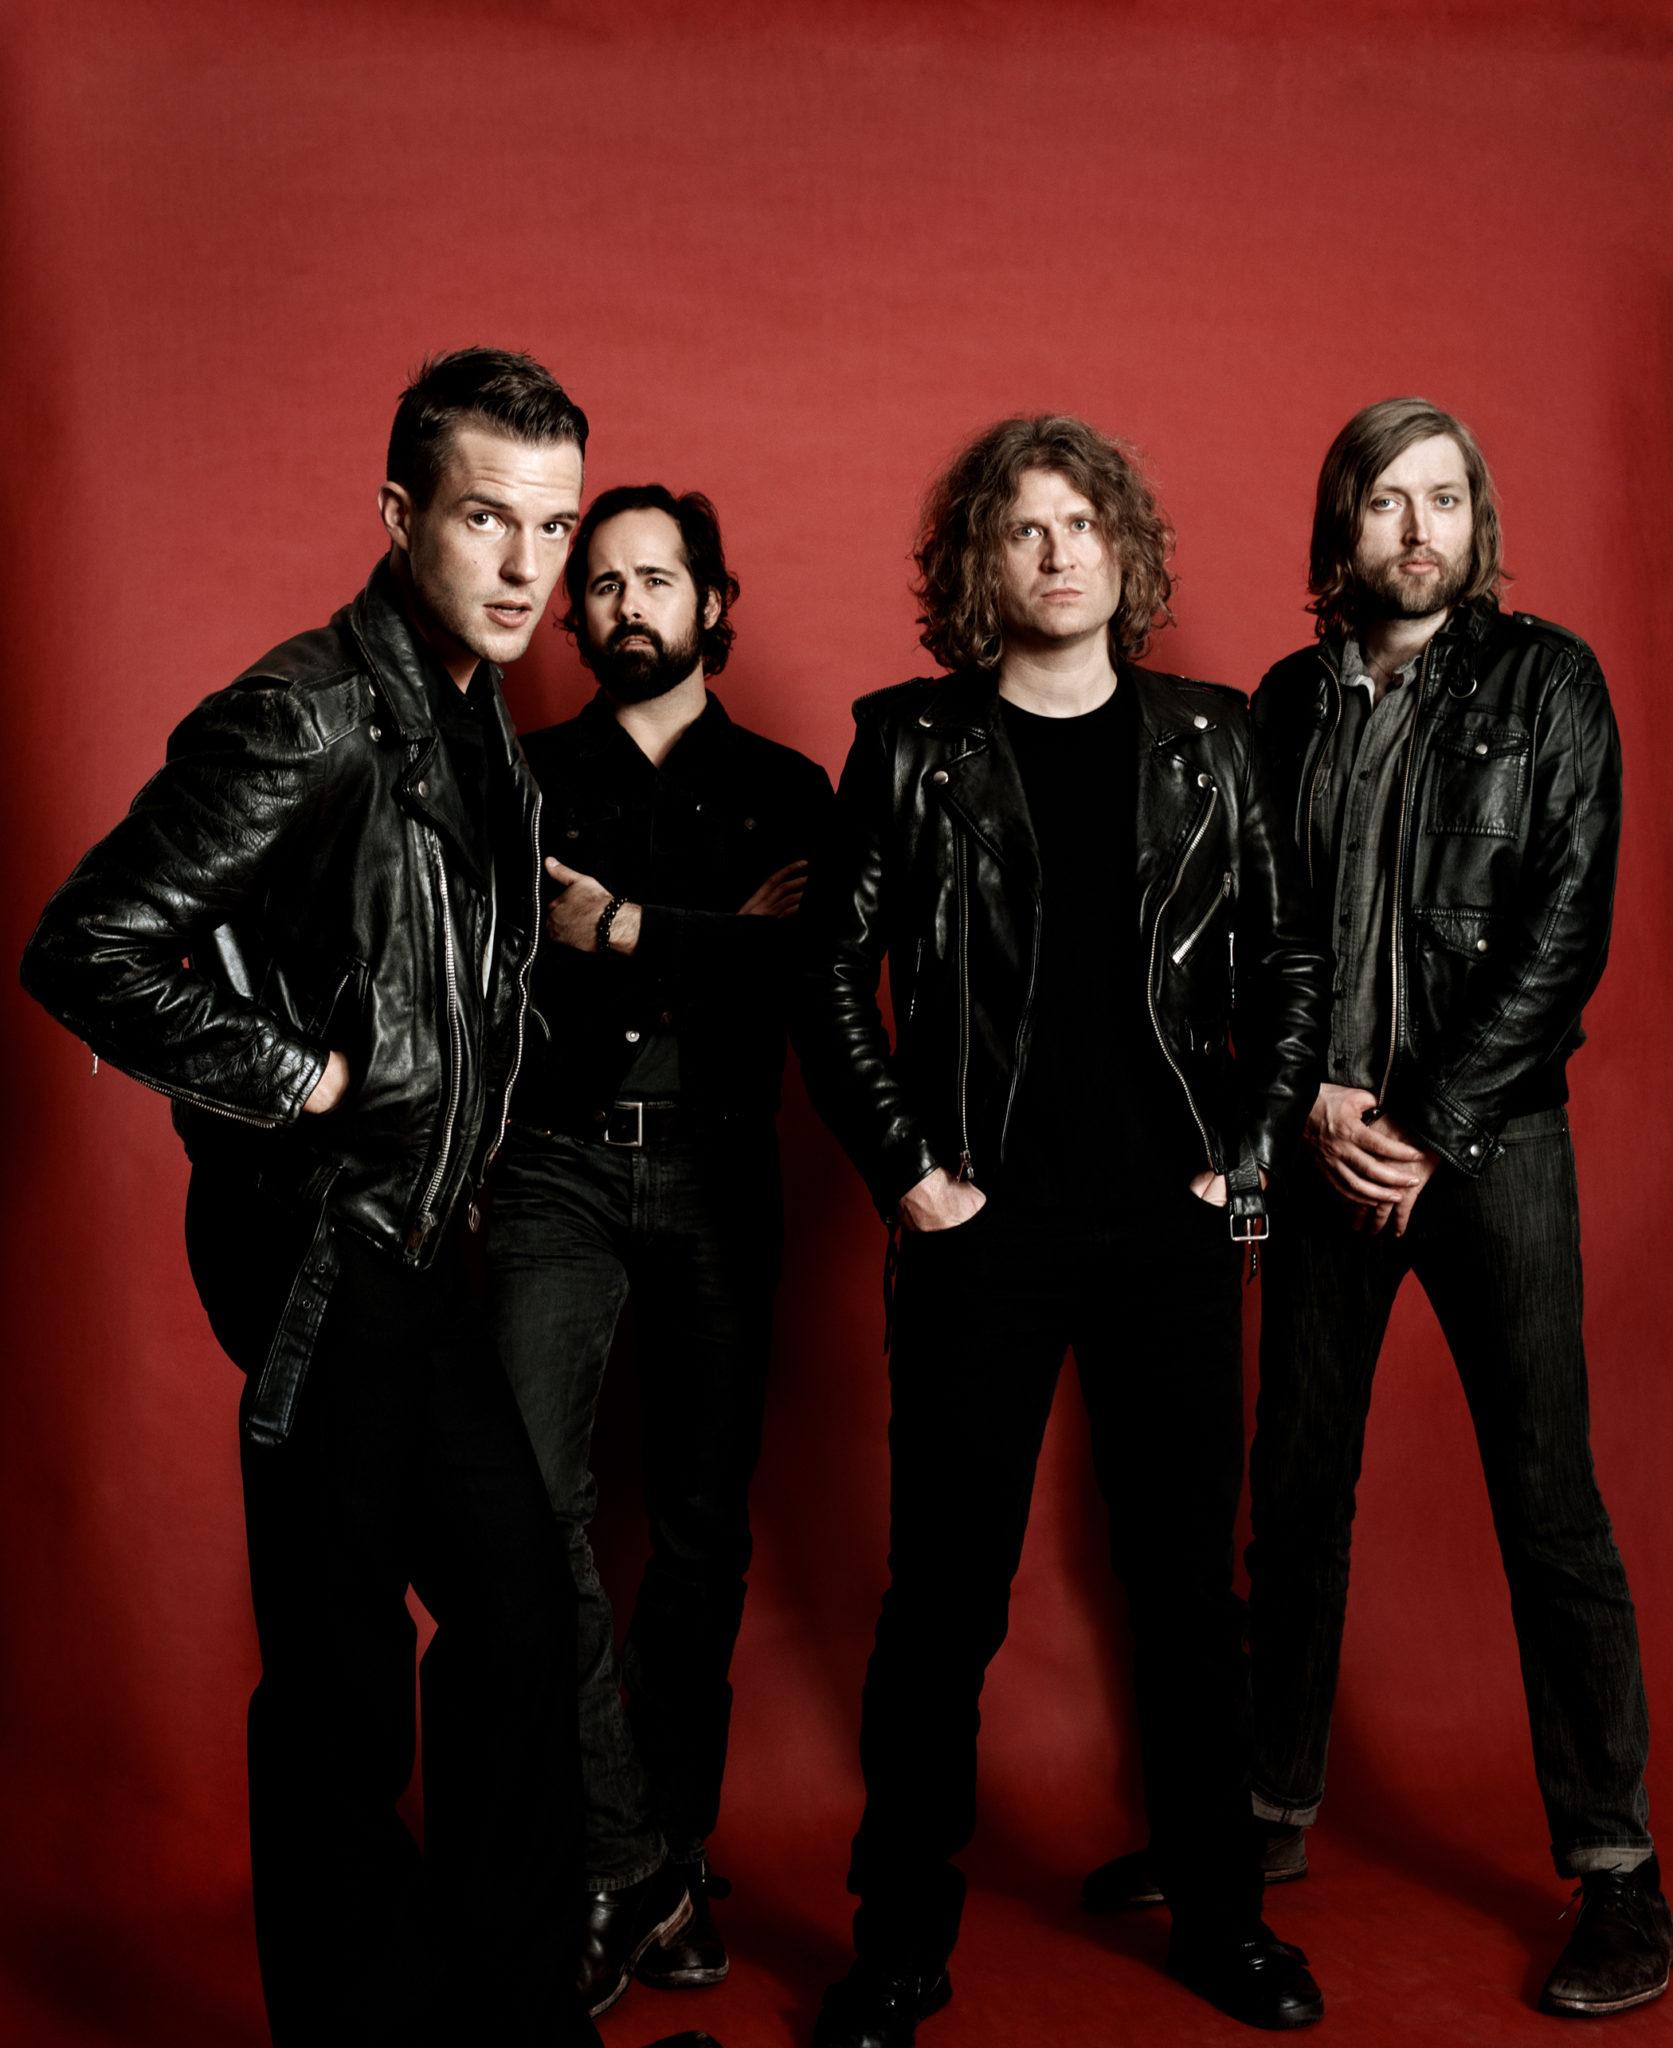 The Killers are peak Killers on 'Wonderful Wonderful' title track